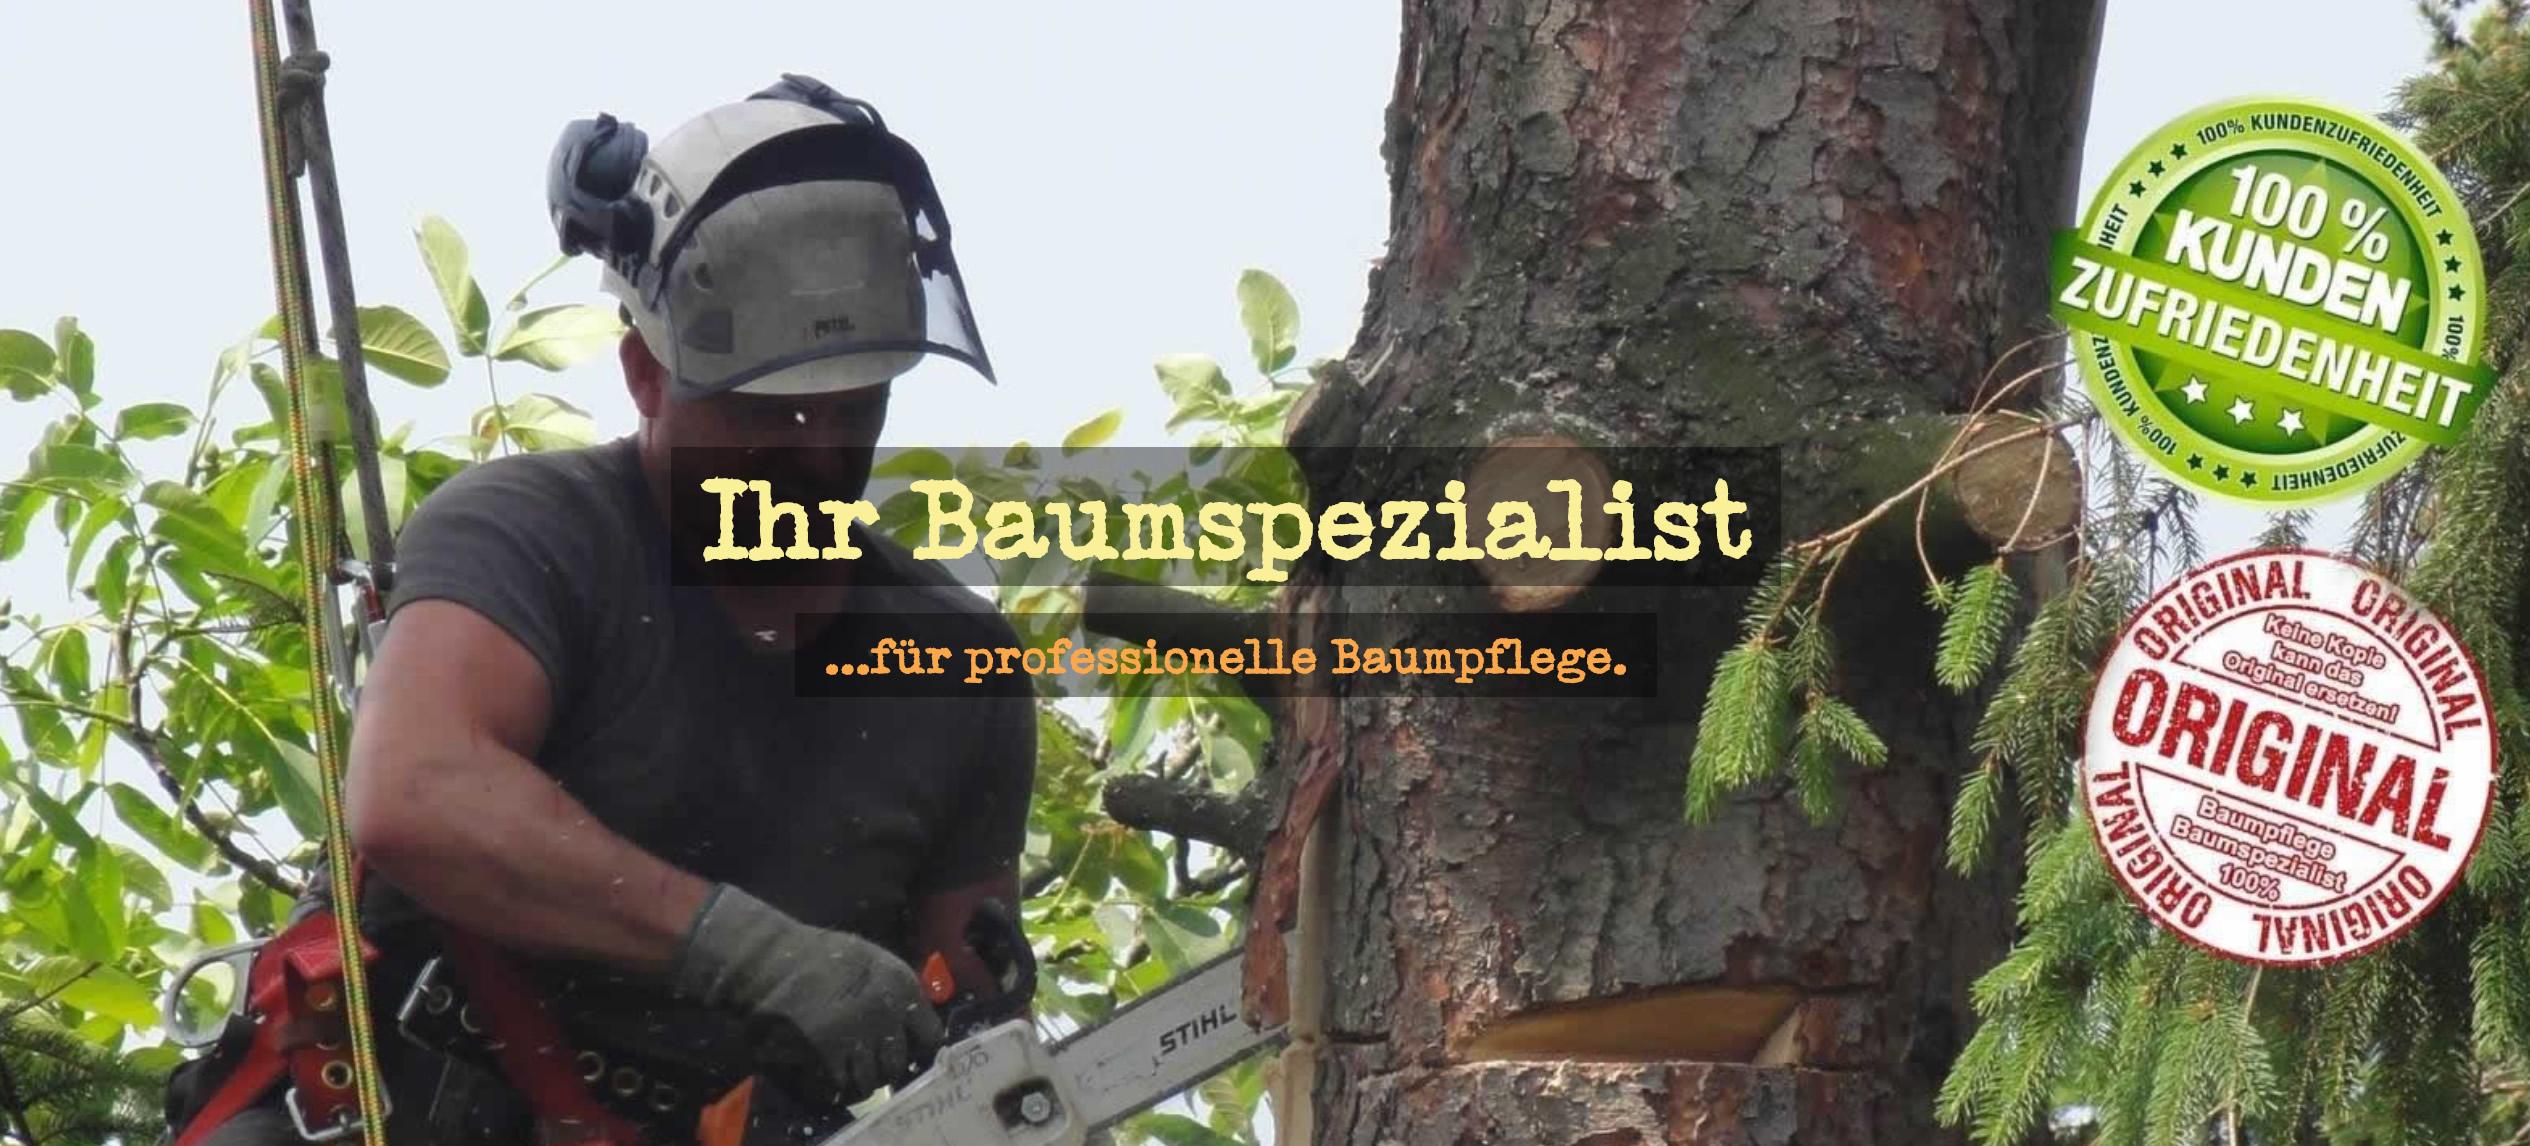 Baumpflege Sinzheim | 🥇 Stefan Reuschling ➤ Baumspezialist / ✓ Forstarbeit